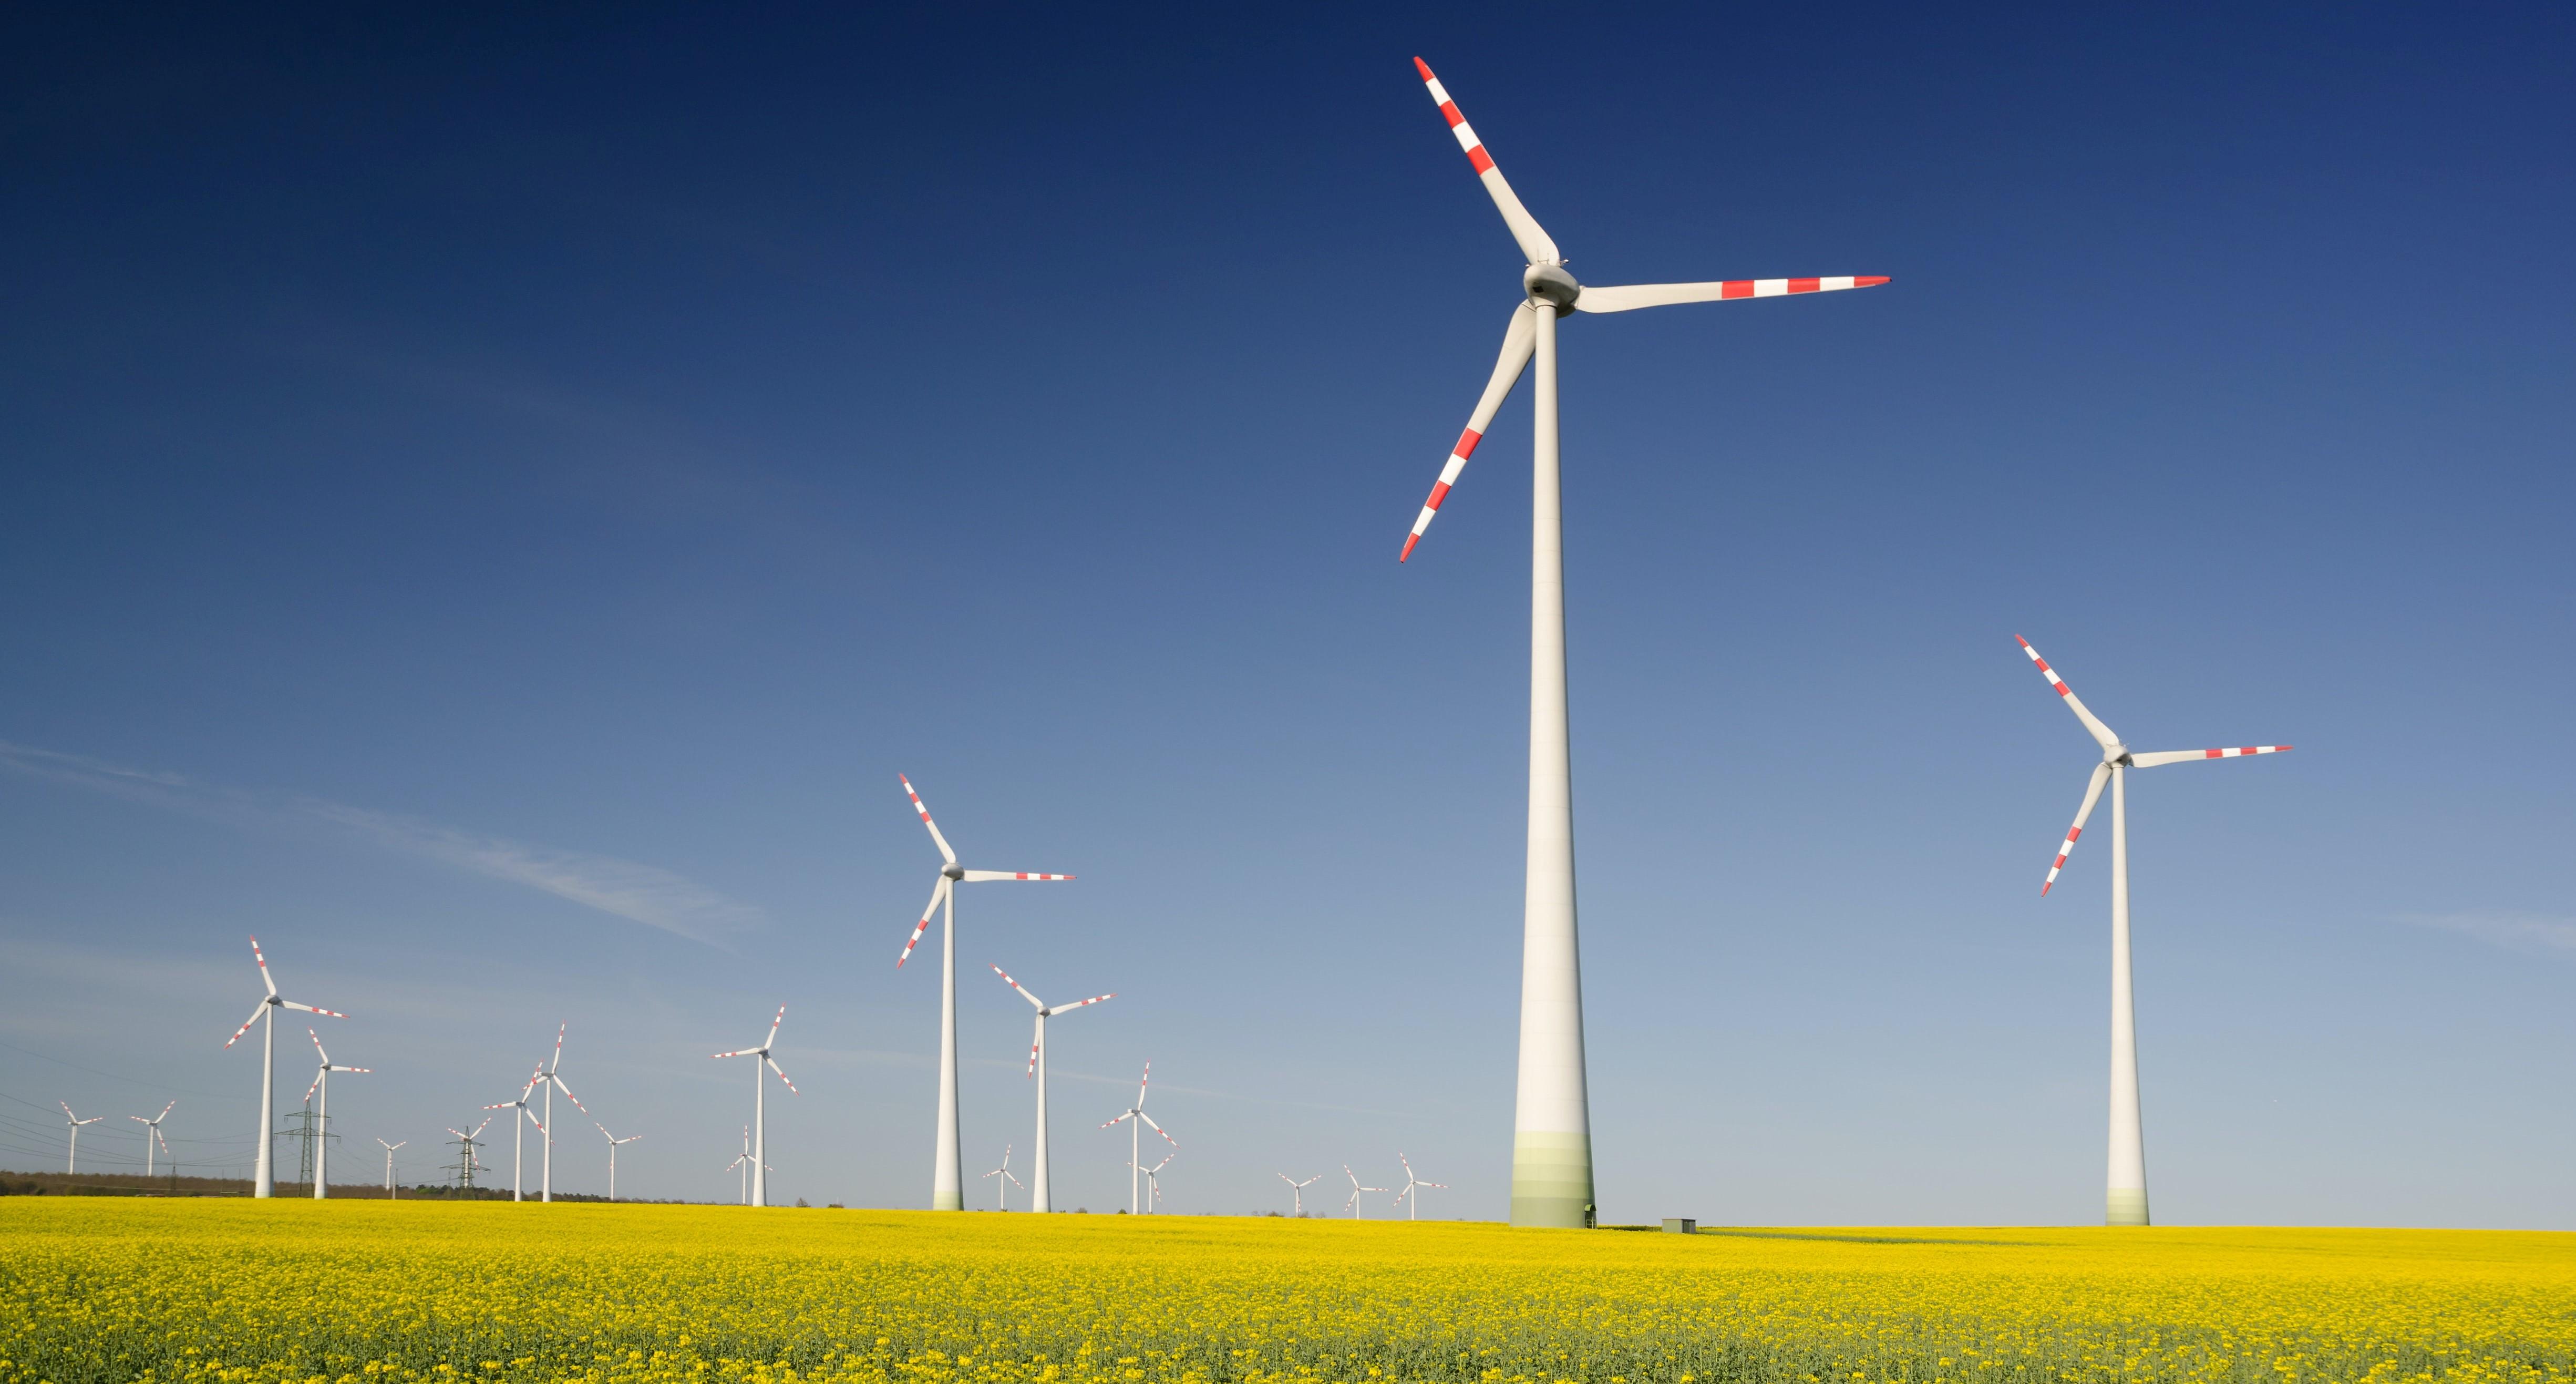 Regionale Energiestrategieën: basis ligt er, nog veel huiswerk te doen